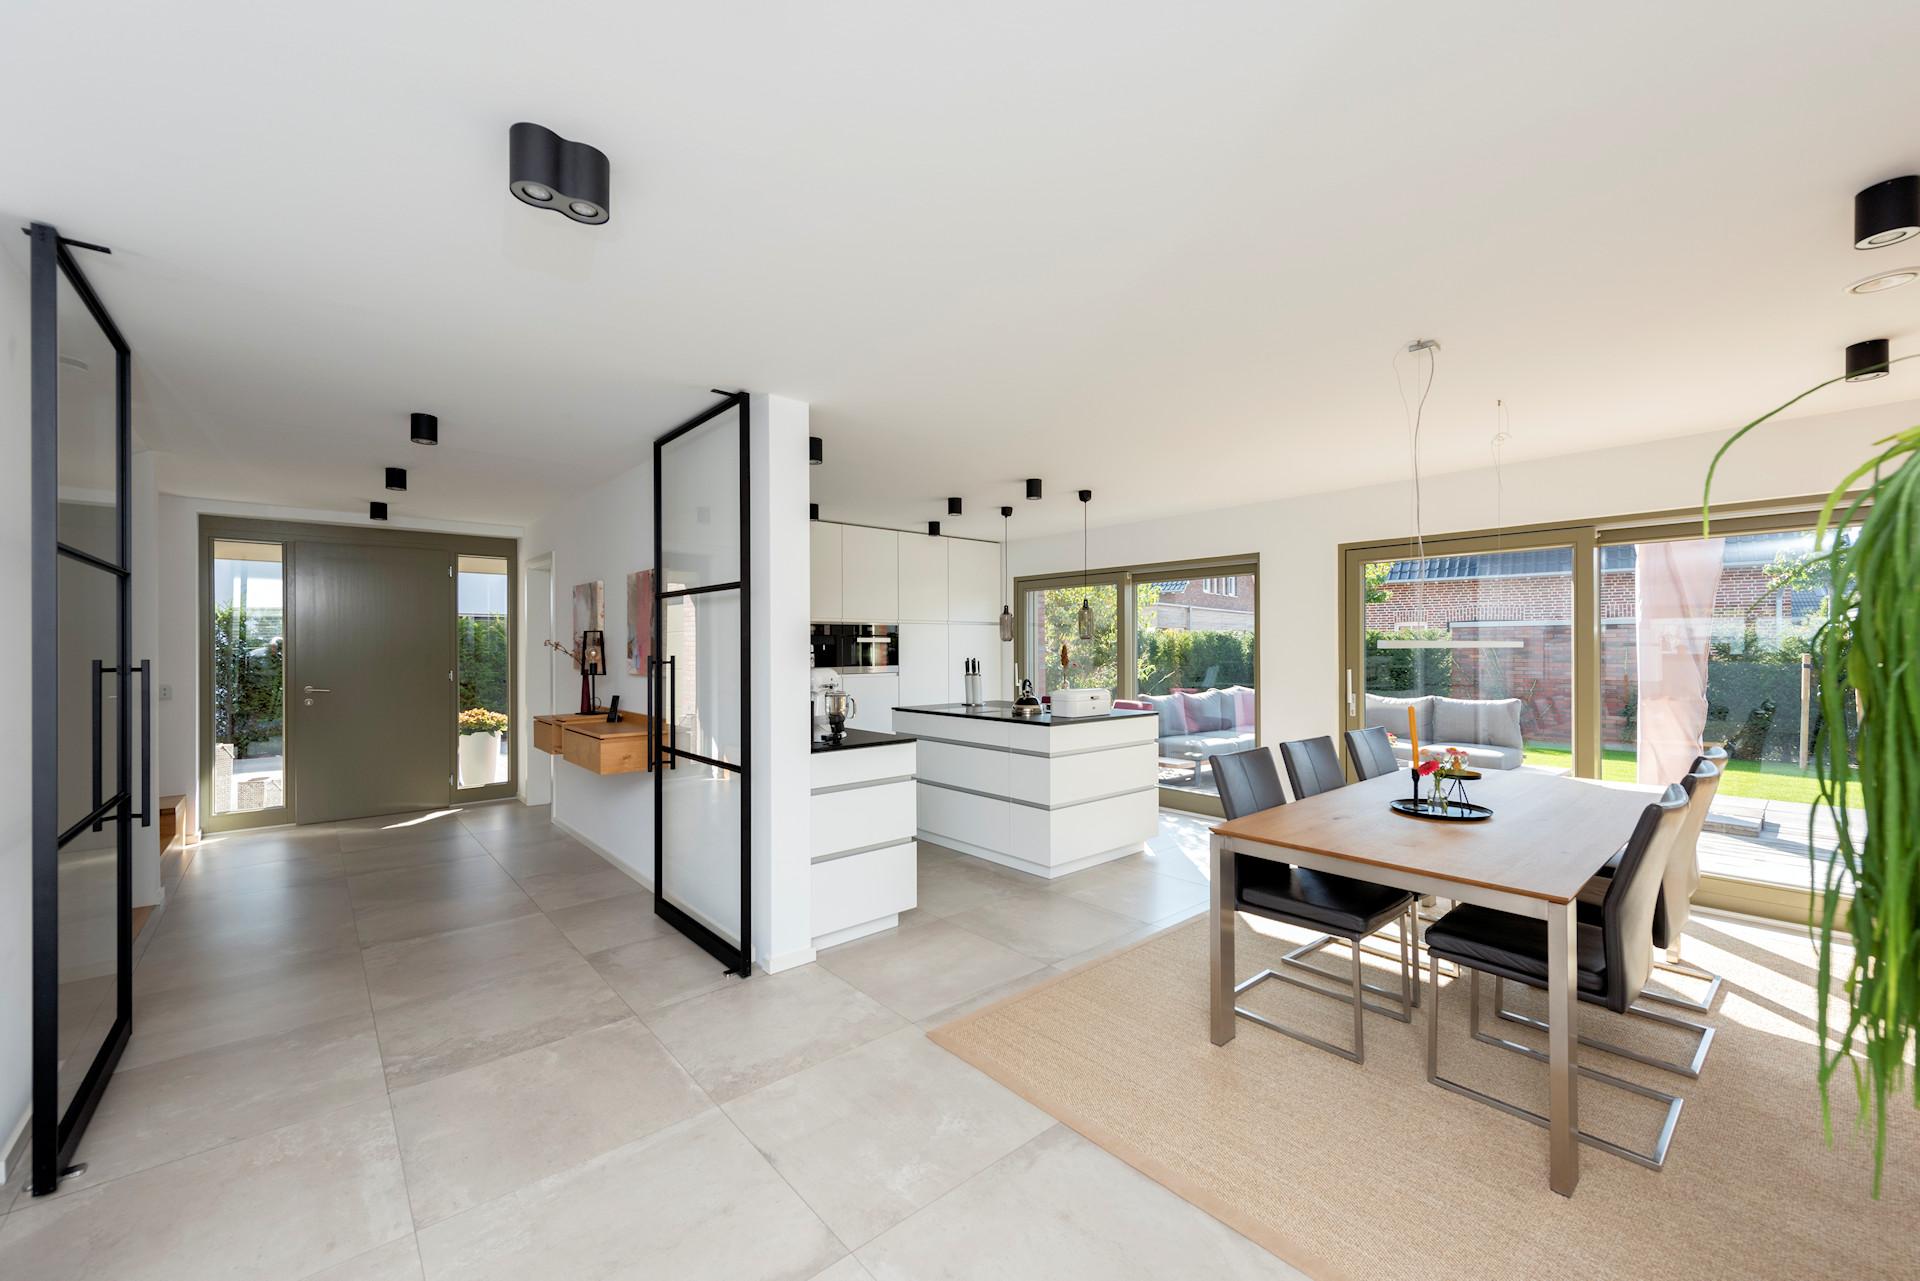 modernes Holzhaus, 2-geschossig, bodentiefe Fensteranlagen